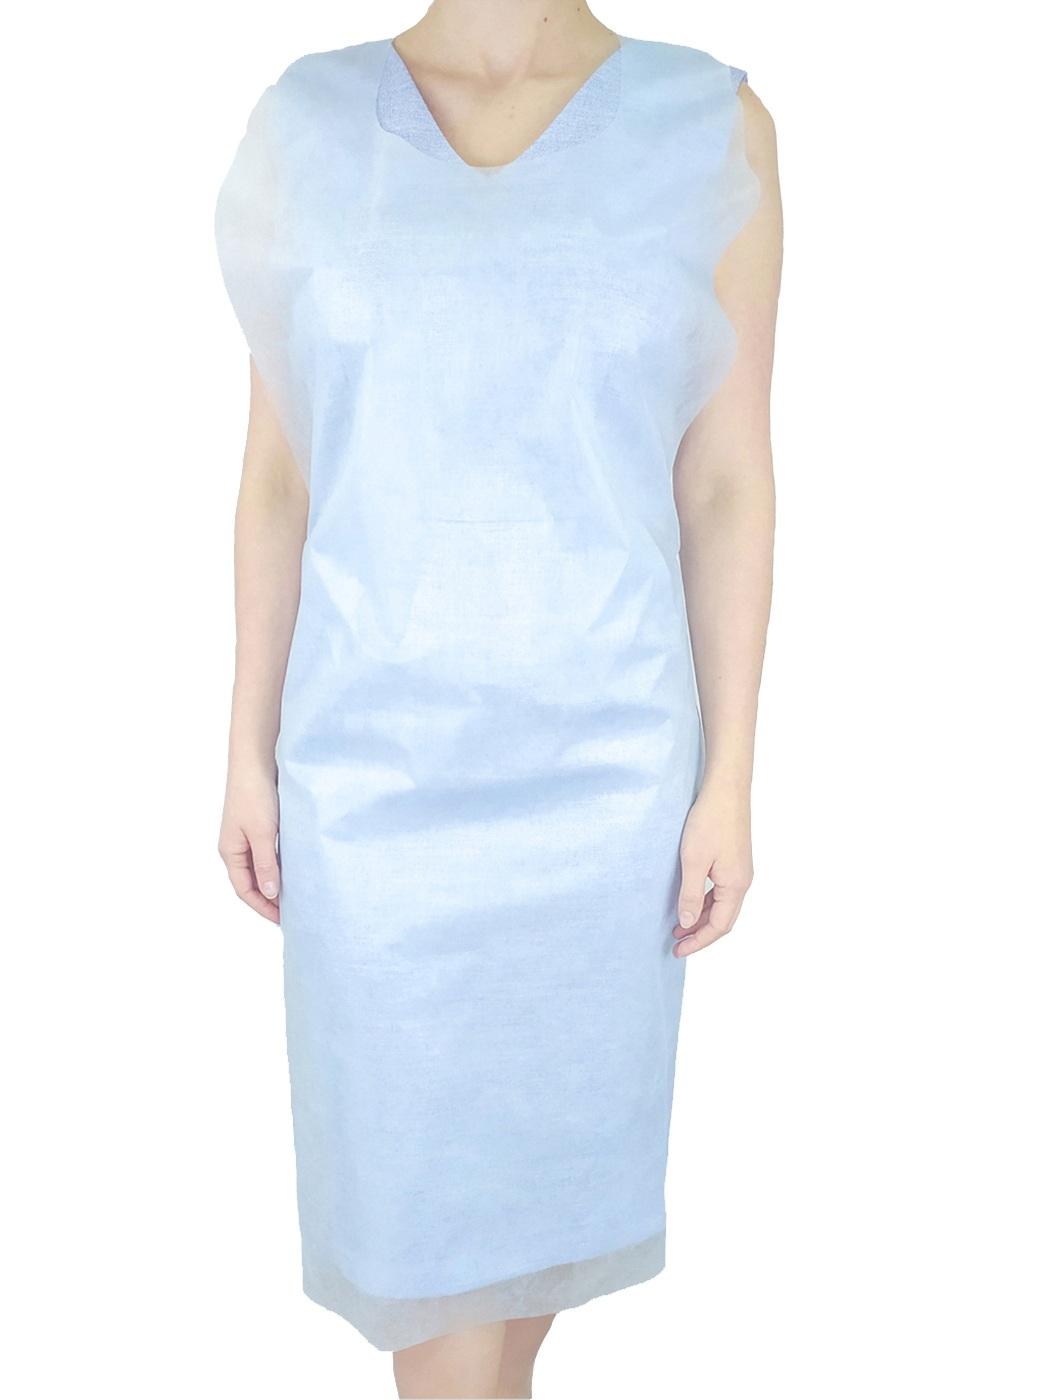 Купить AVEMOD Фартук АХ4, размер 48-54, цвет белый